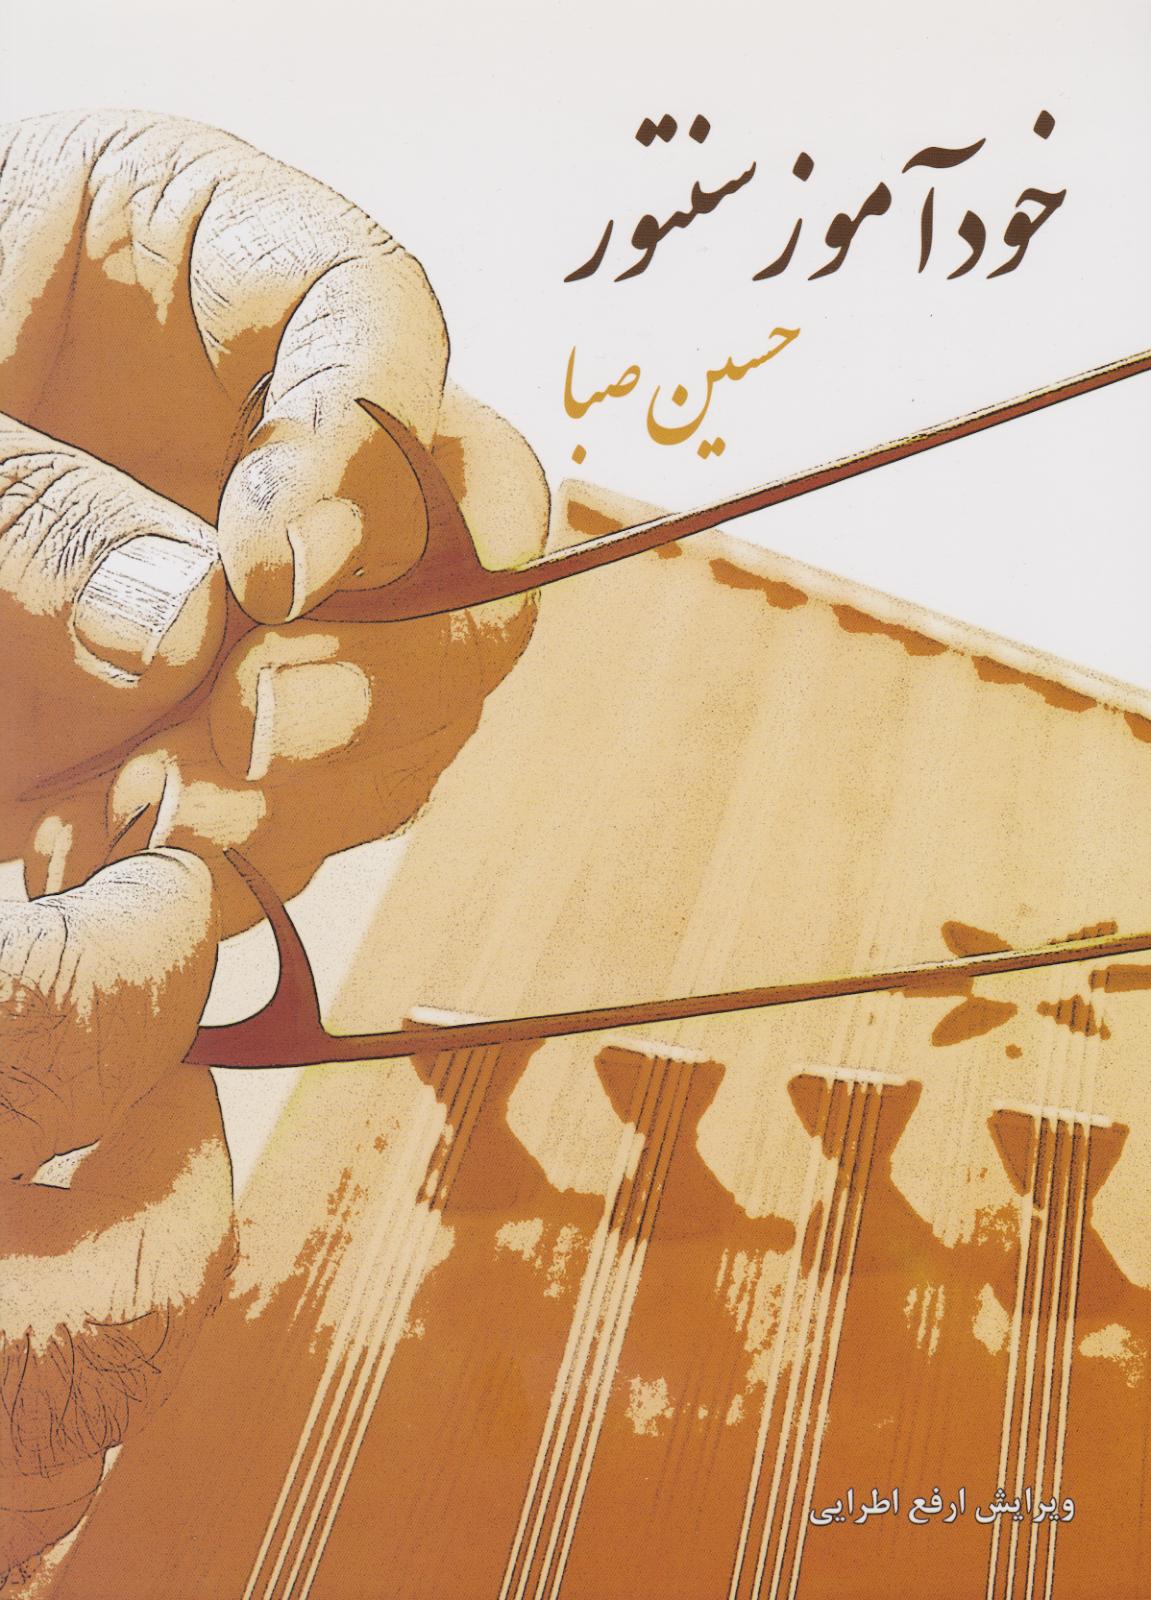 کتاب خودآموز سنتور حسین صبا ارفع اطرایی انتشارات سرود